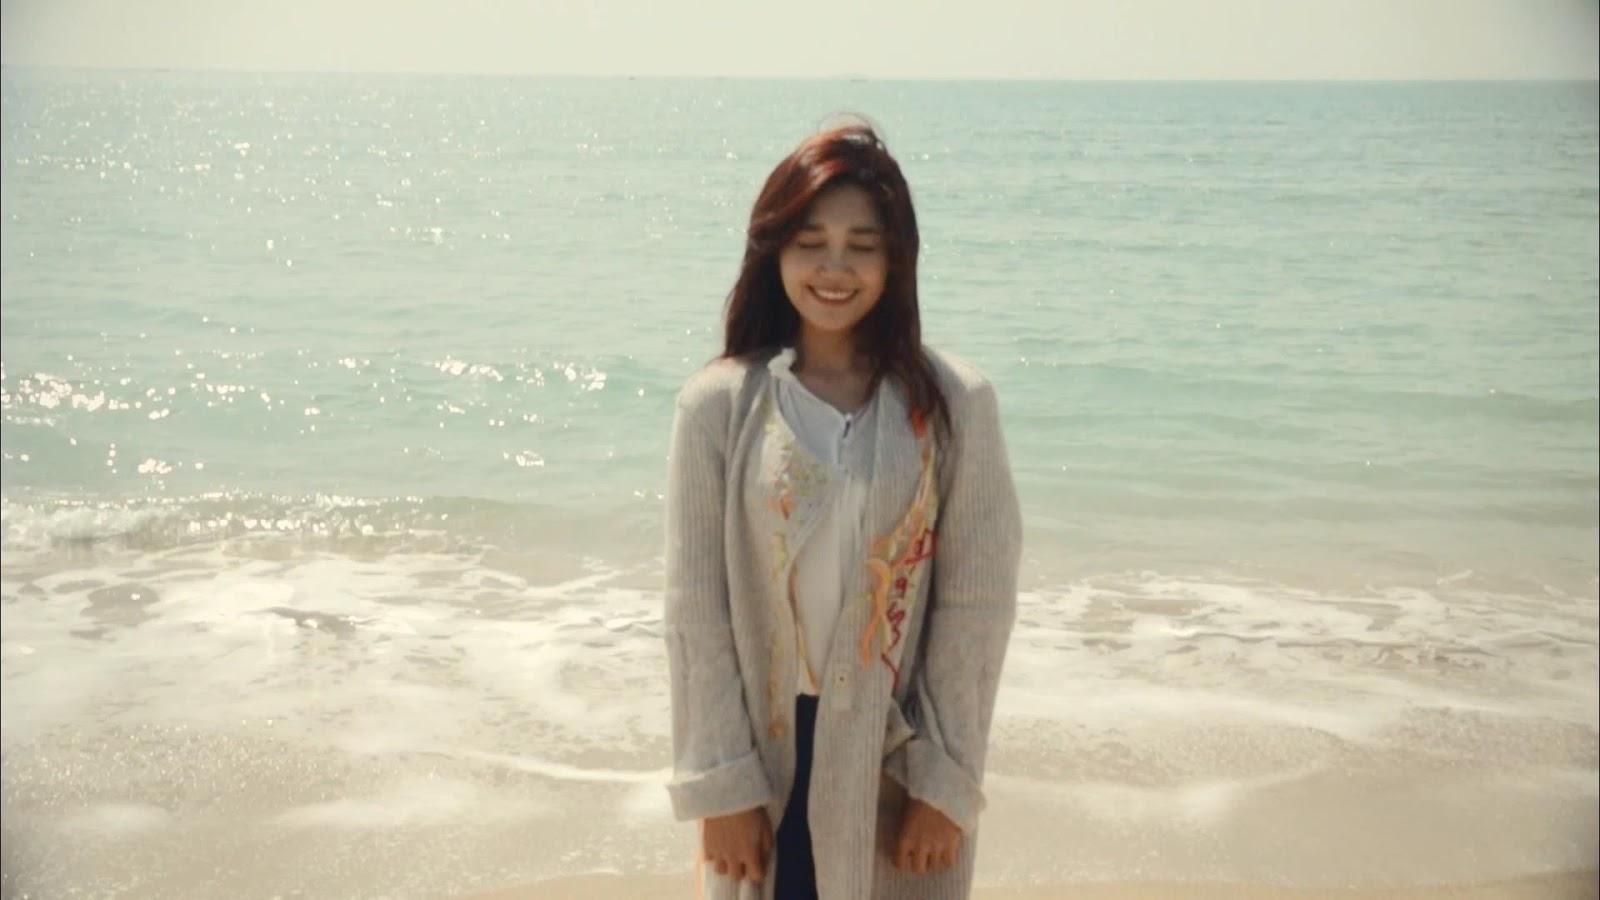 SEO gukban és jung eun ji randevúban ingyenes társkereső kanadai weboldal